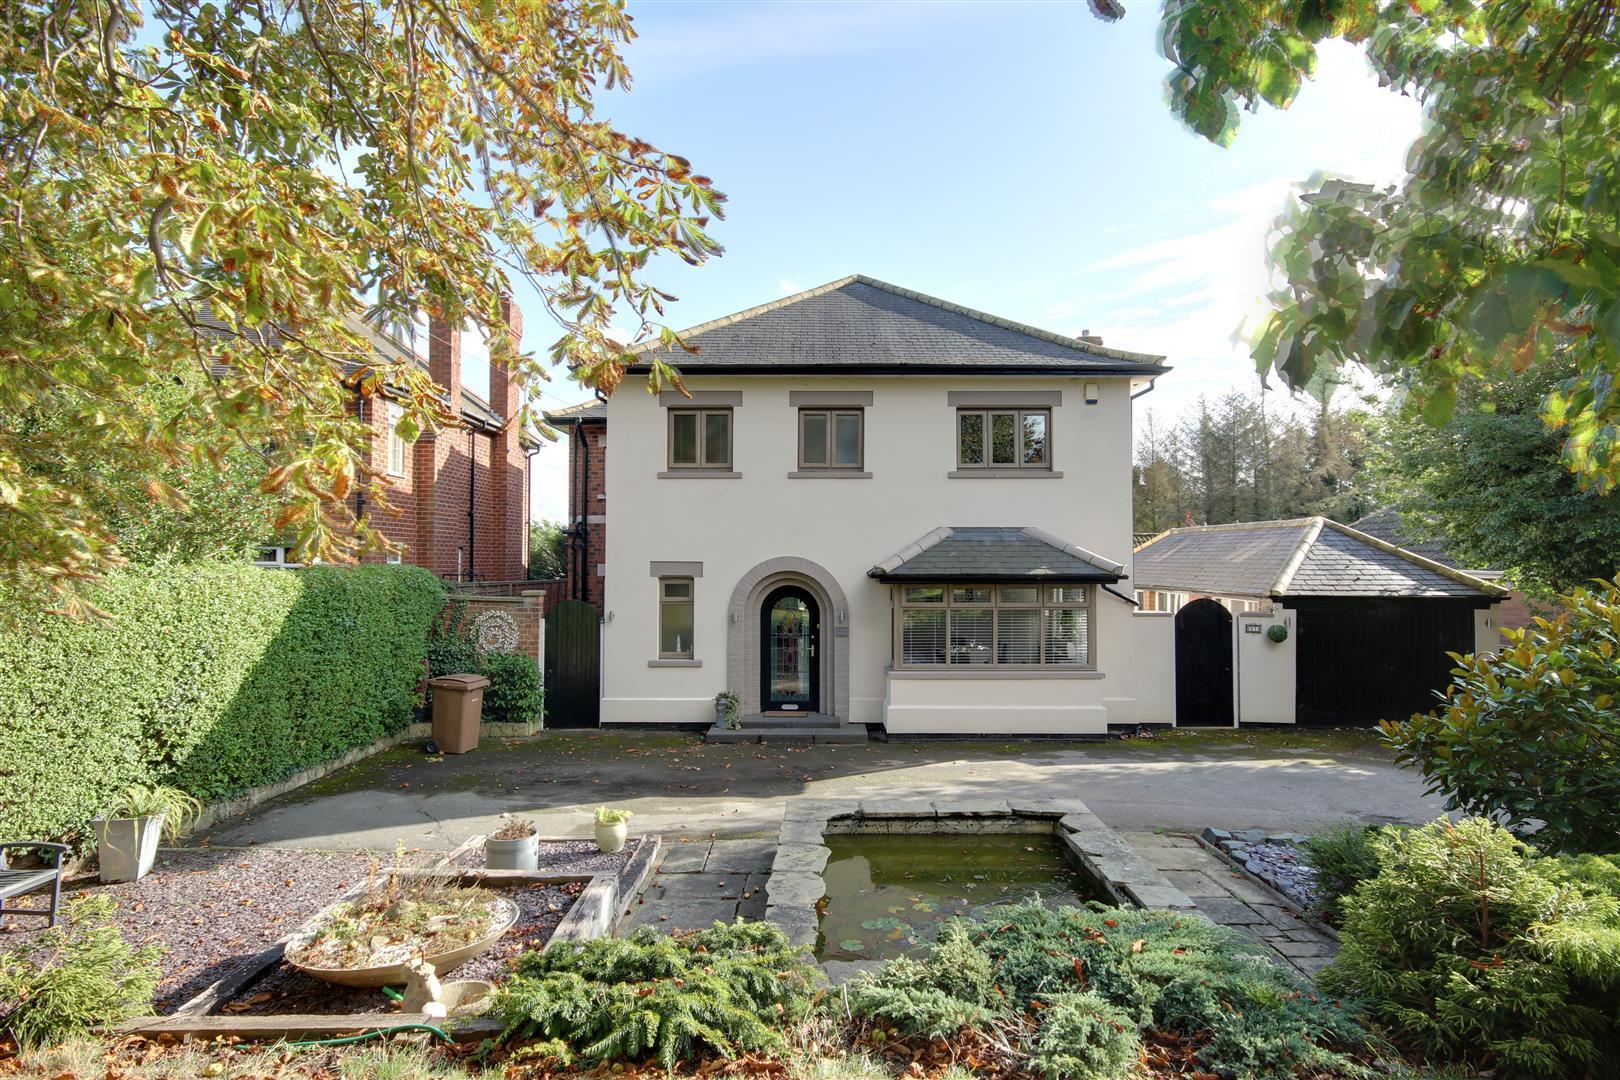 Yorke House, 57 Ferriby High Road, North Ferriby, Yorke House, 57, HU14 3LD